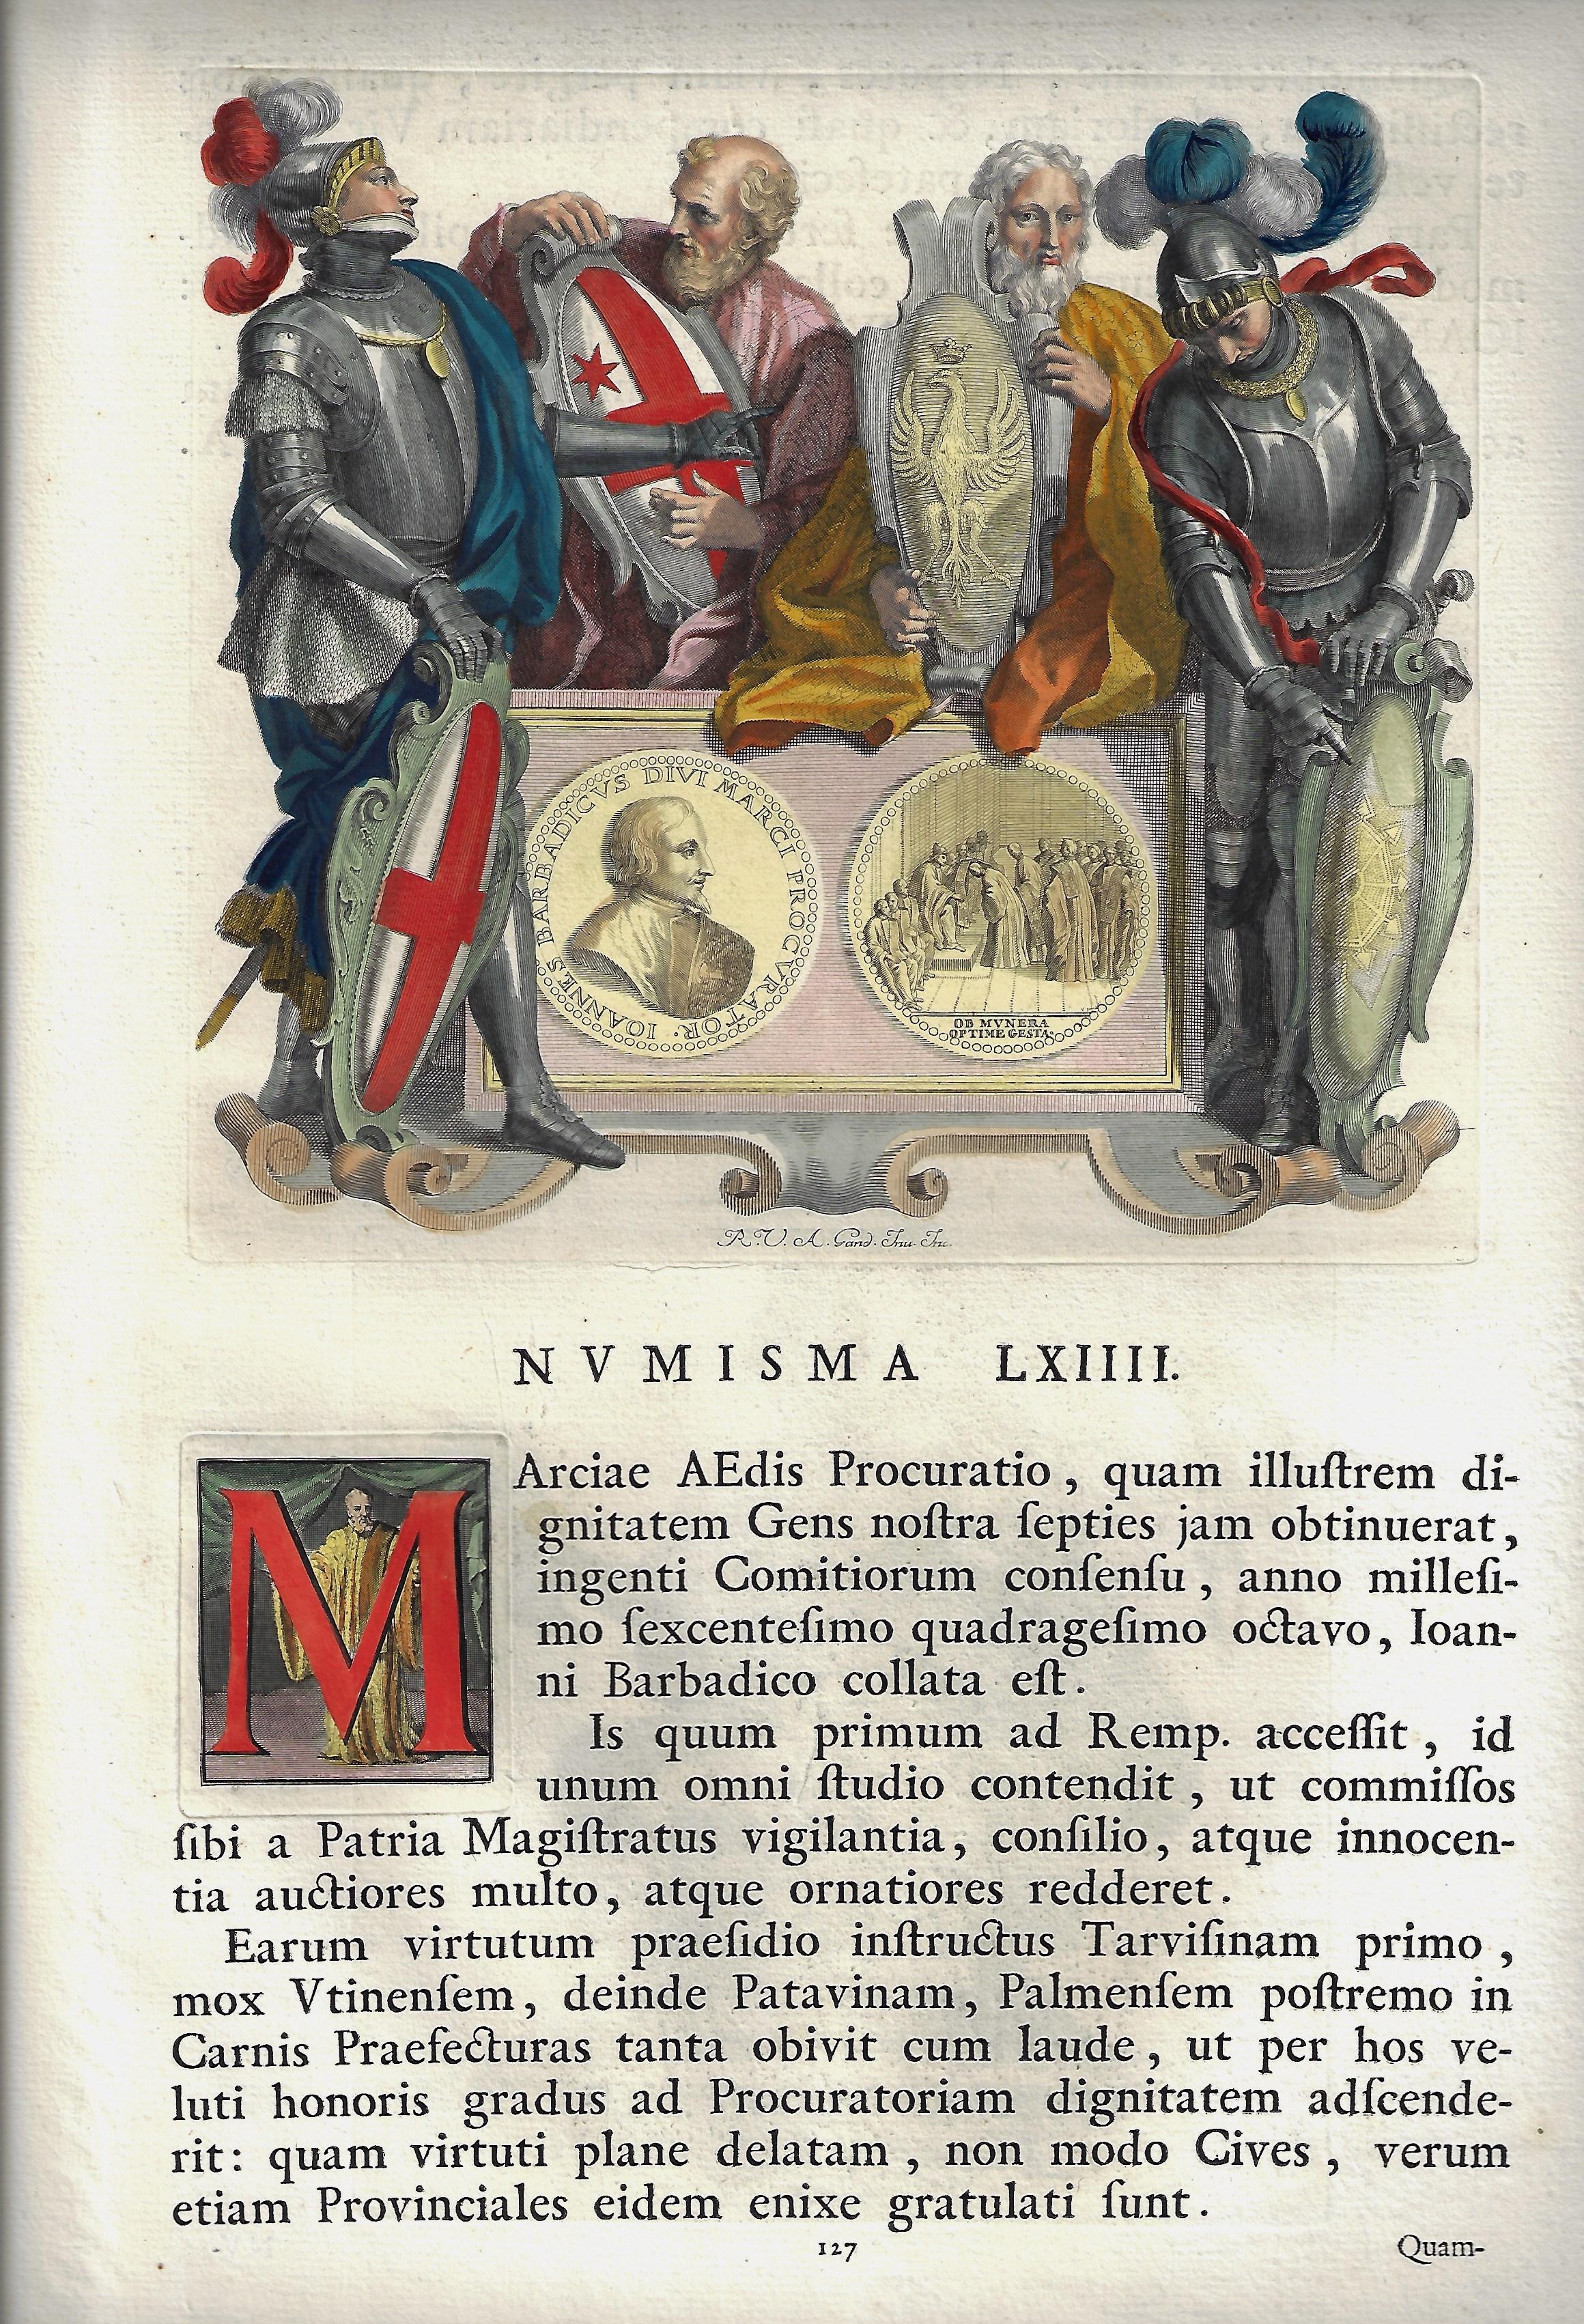 Gand  Numisma LXIIII